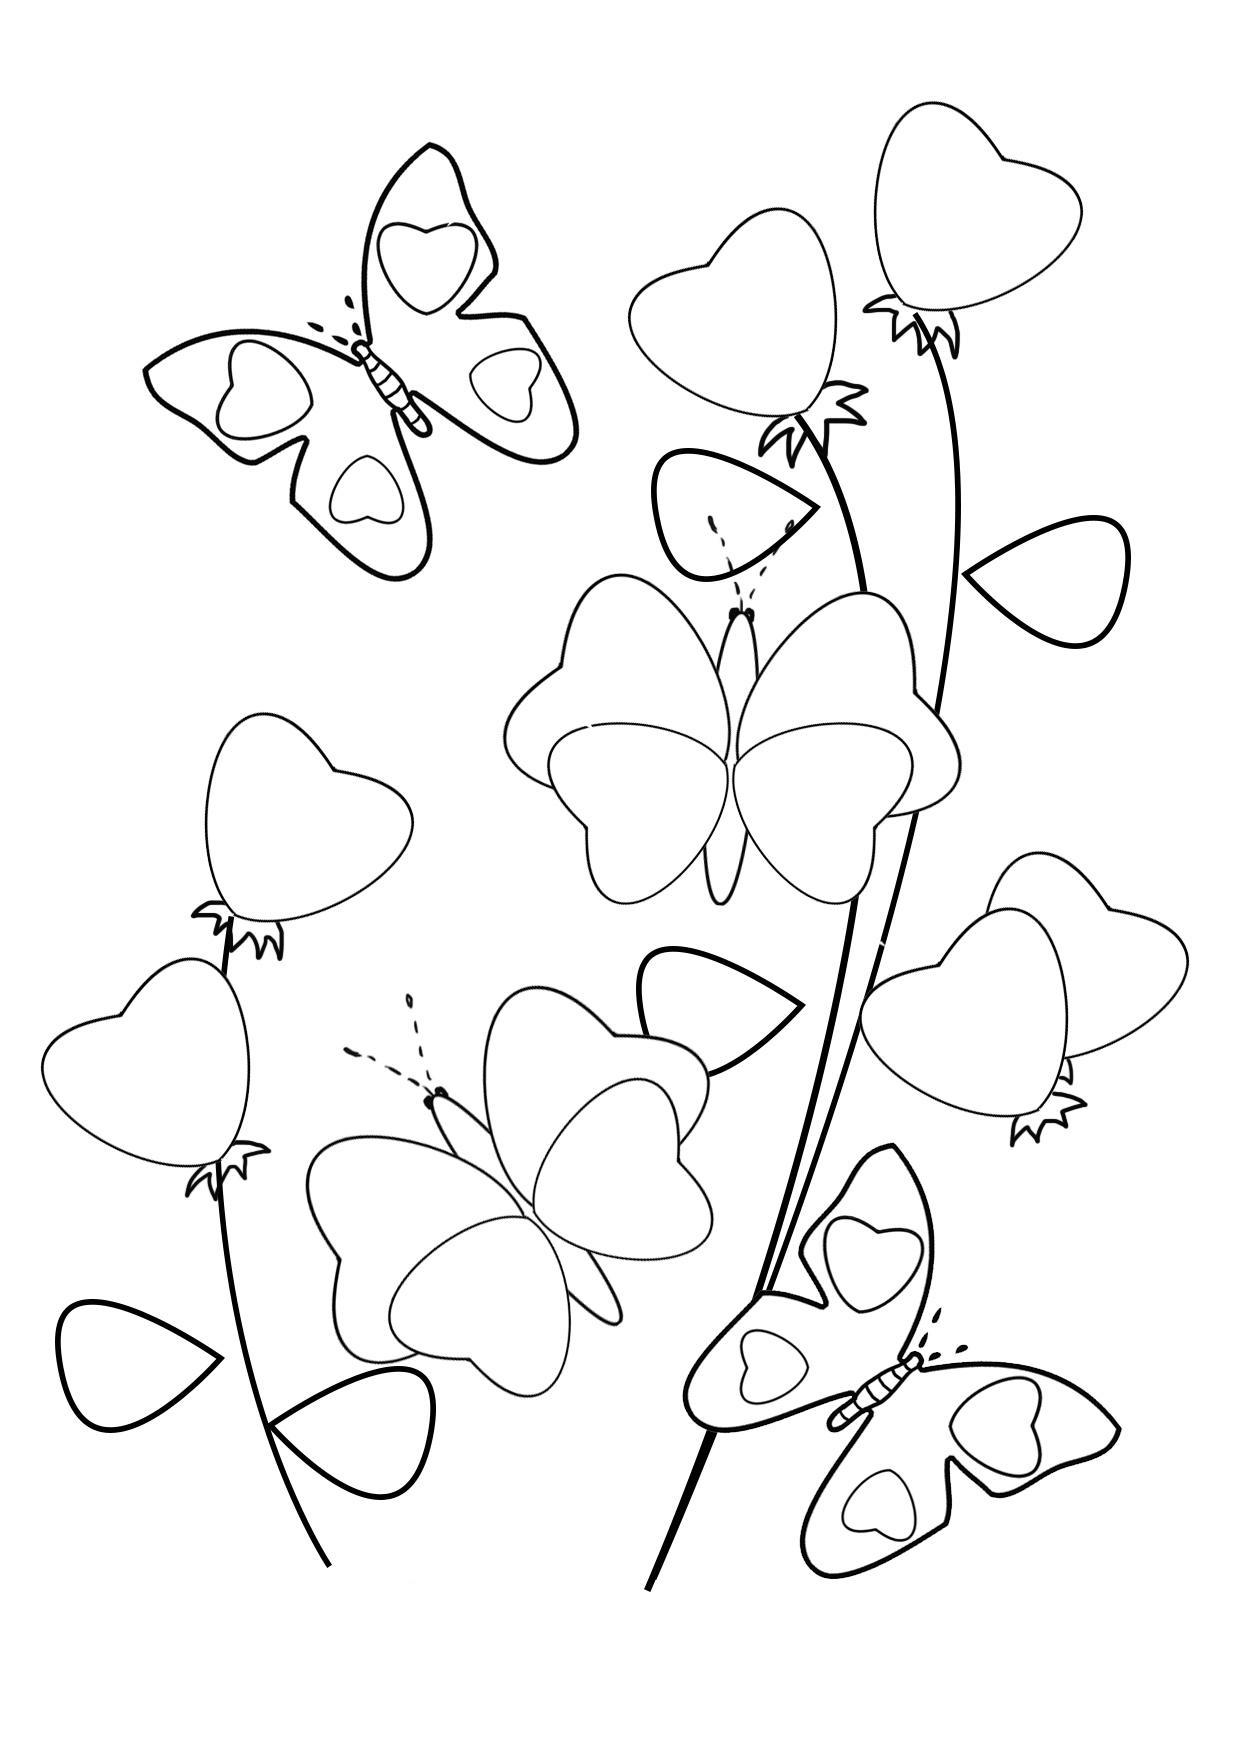 С сердечками и бабочки на цветах из сердечек Раскраски цветов бесплатно